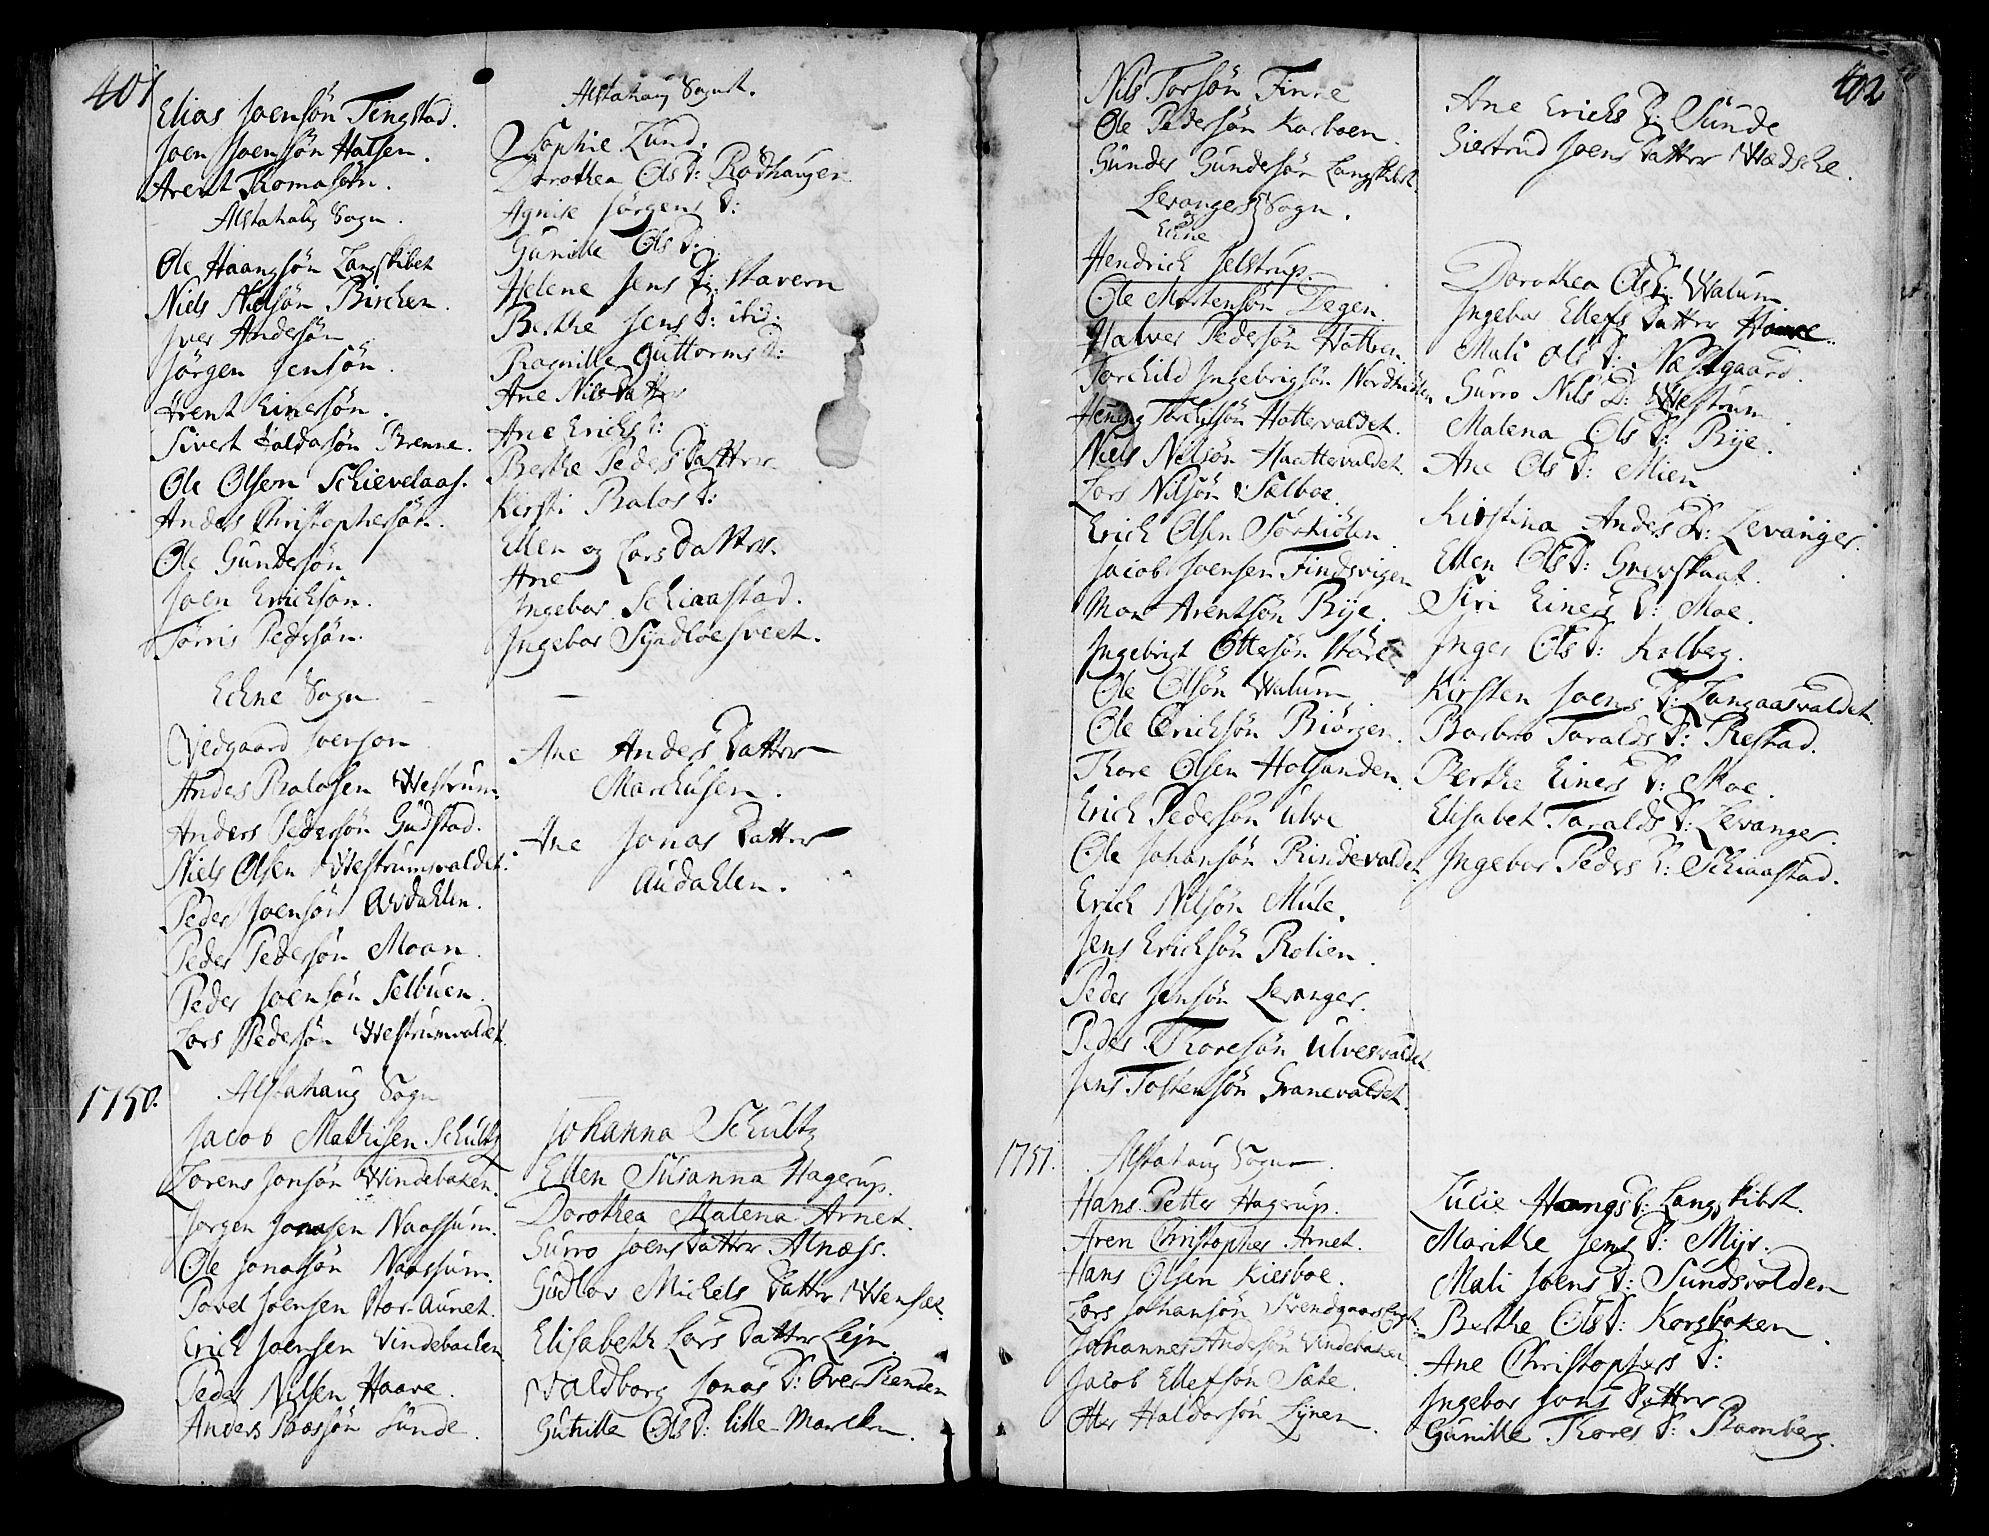 SAT, Ministerialprotokoller, klokkerbøker og fødselsregistre - Nord-Trøndelag, 717/L0141: Ministerialbok nr. 717A01, 1747-1803, s. 401-402